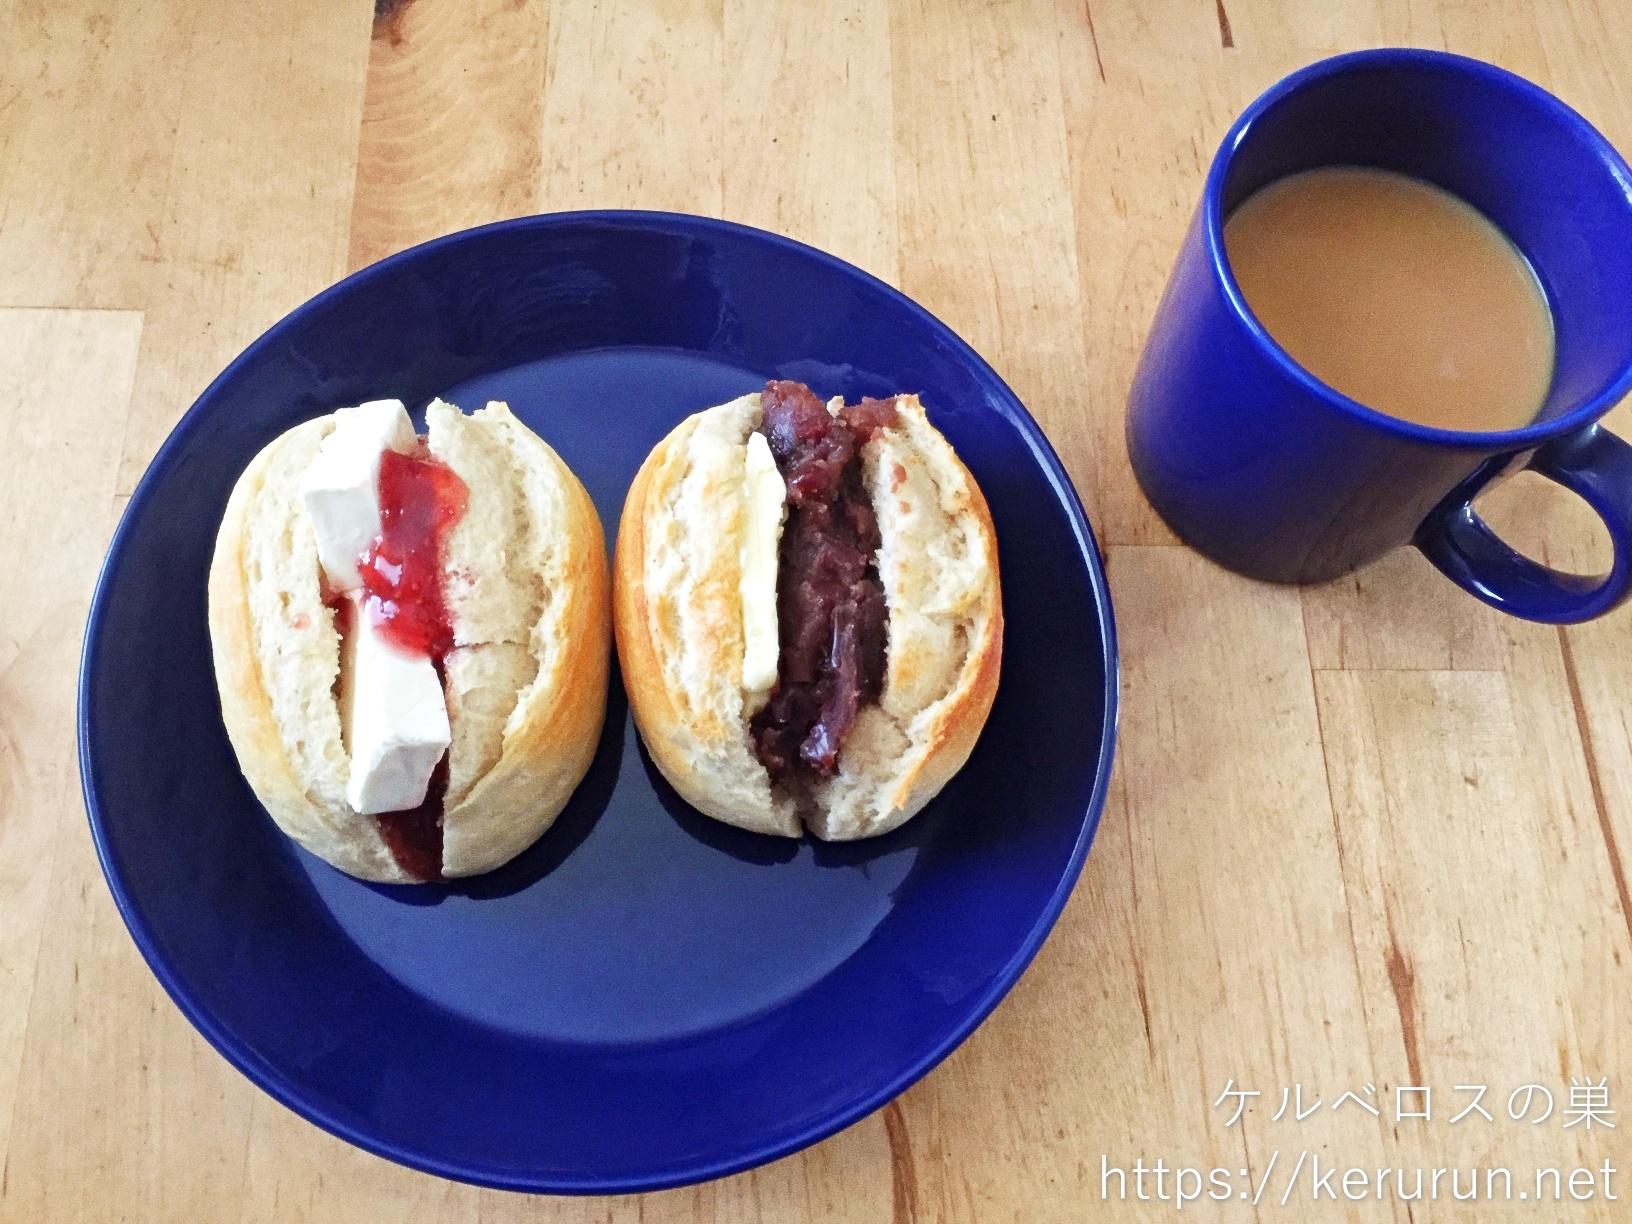 メニセーズのミニパンで作るサンドイッチで朝ごはん